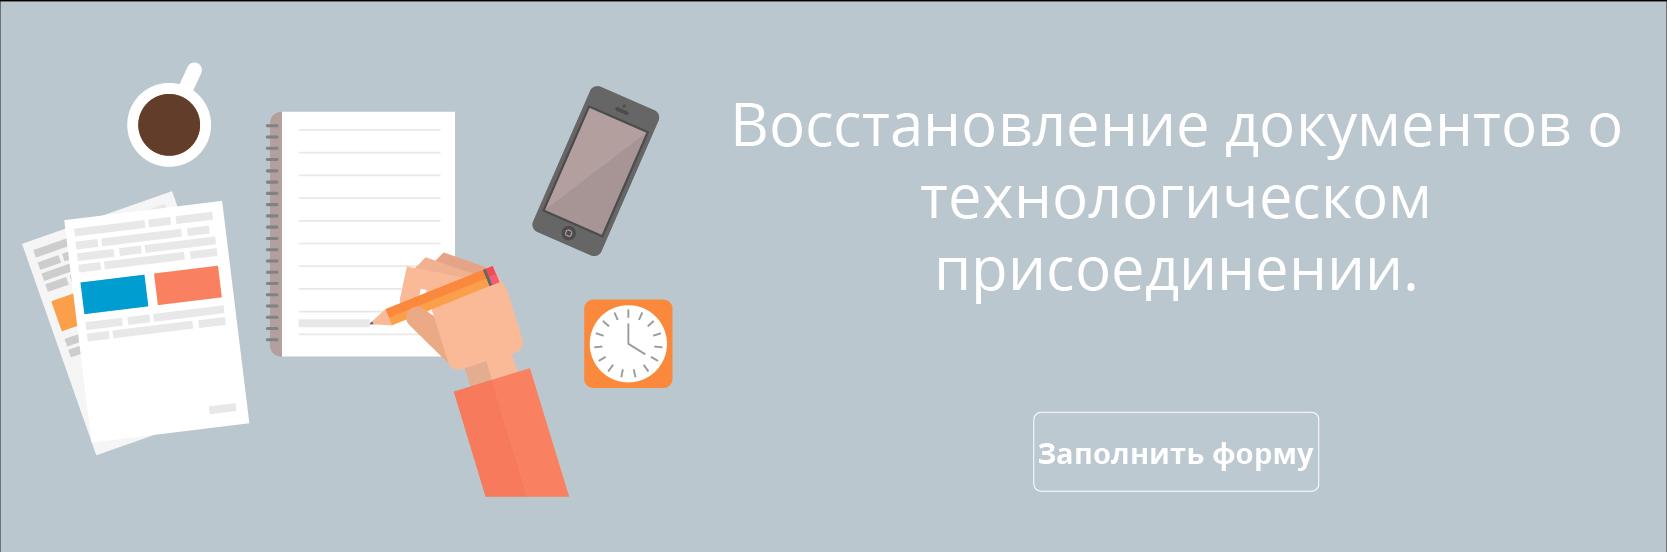 Восстановление документов о технологическом присоединении